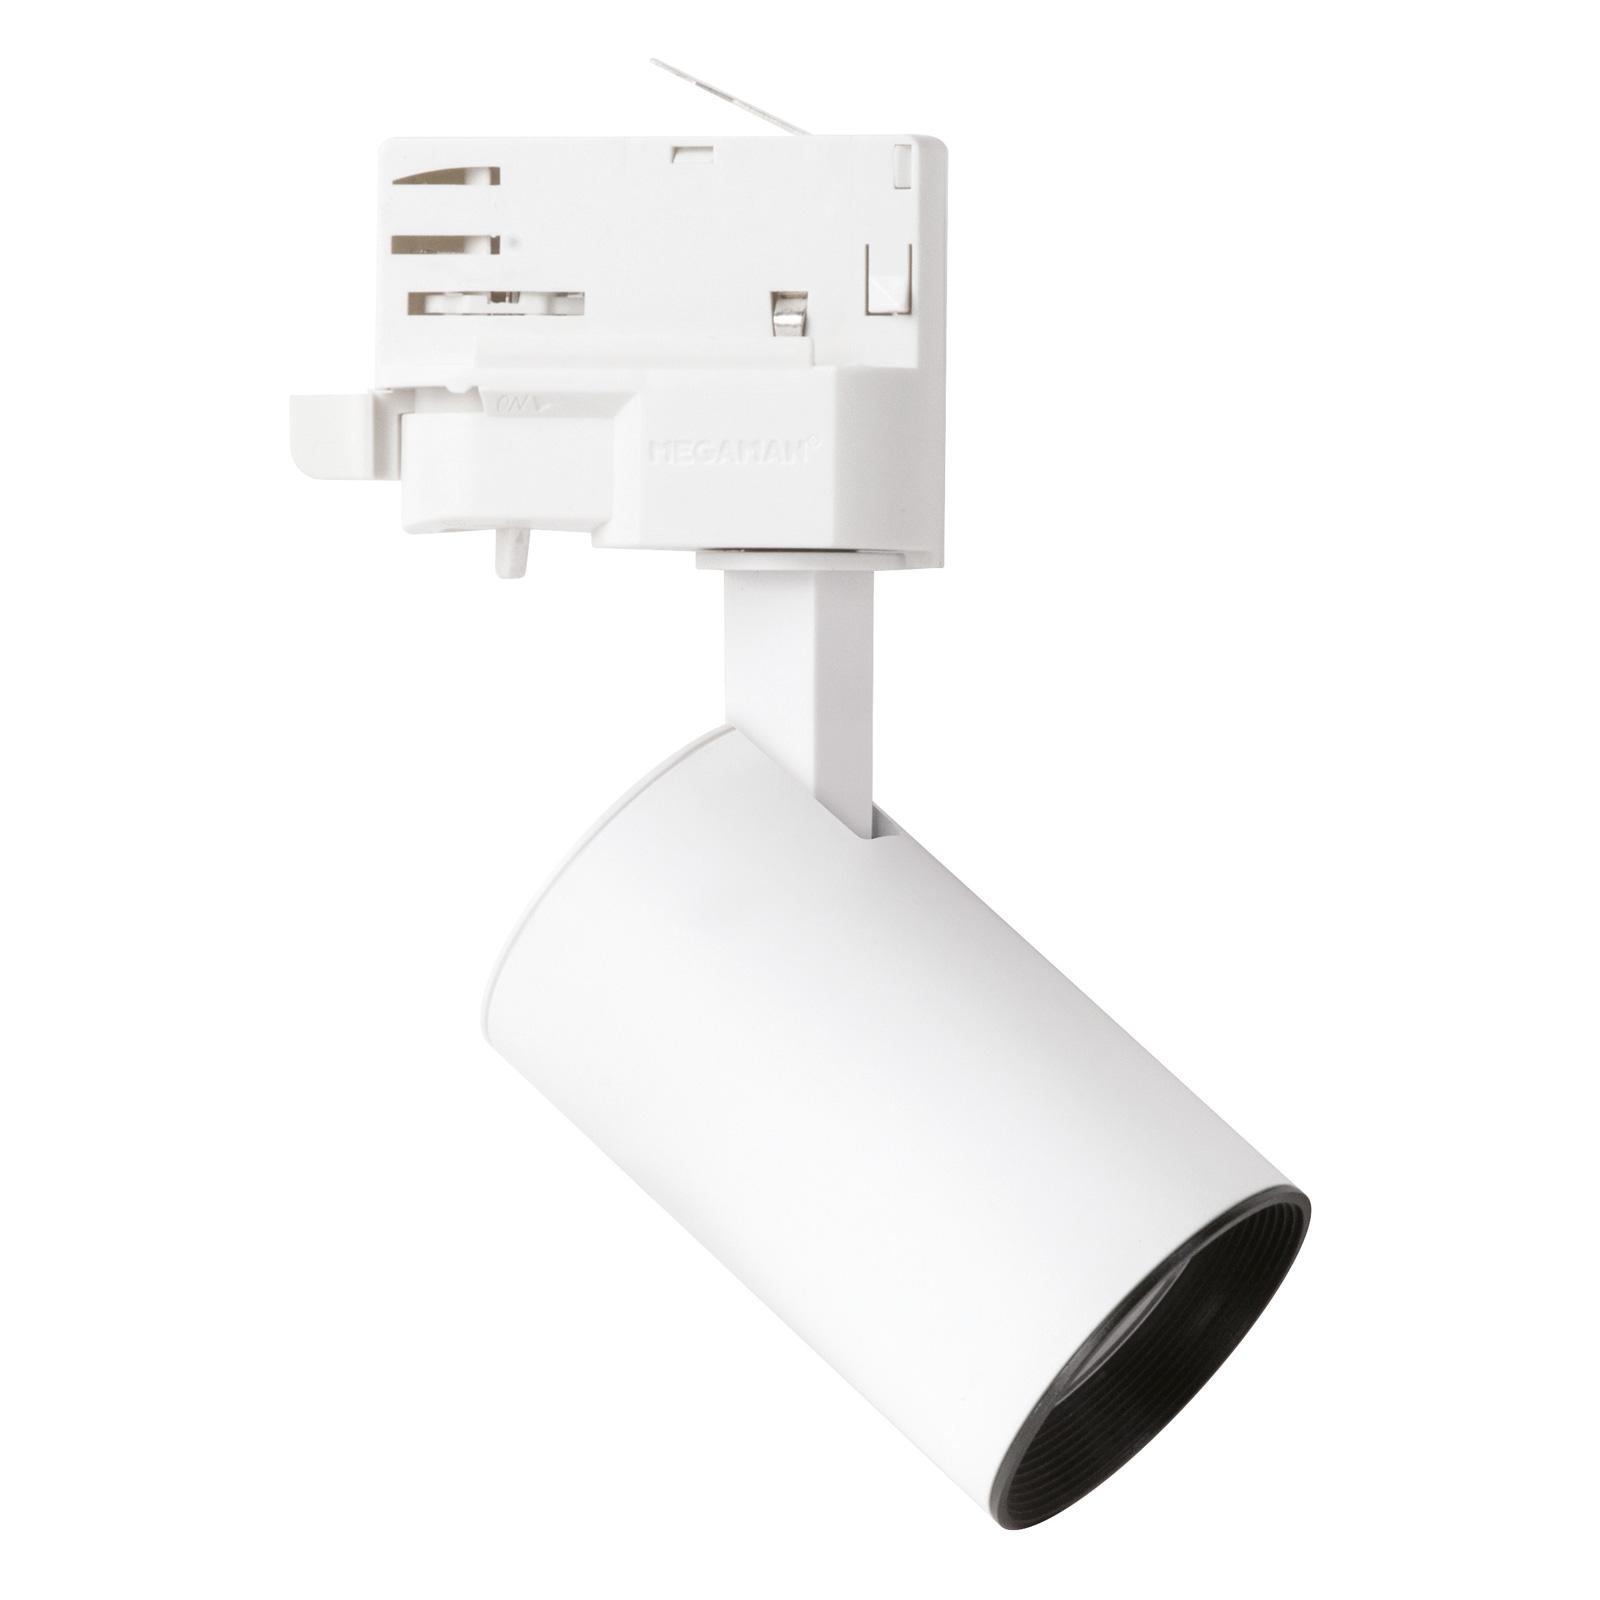 LED-spot MarcoMini til 3-fase skinne, hvid, 4.000K